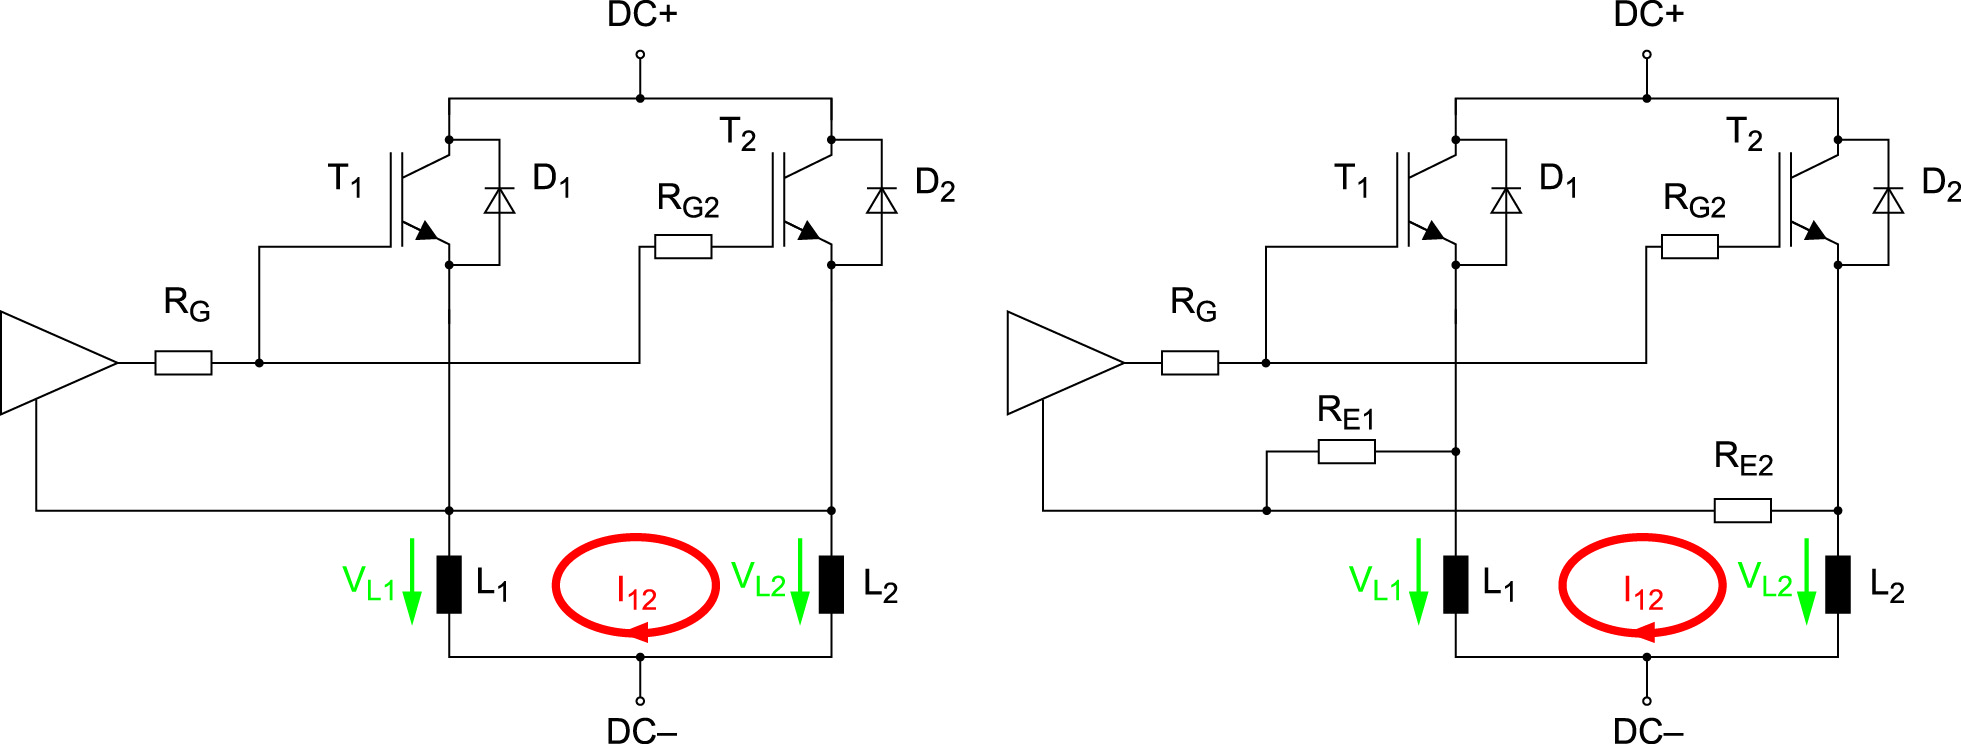 Эквивалентная схема двух параллельных IGBT с непосредственным соединением эмиттеров с выходом драйвера (слева) и соединением эмиттеров через сопротивления RE.